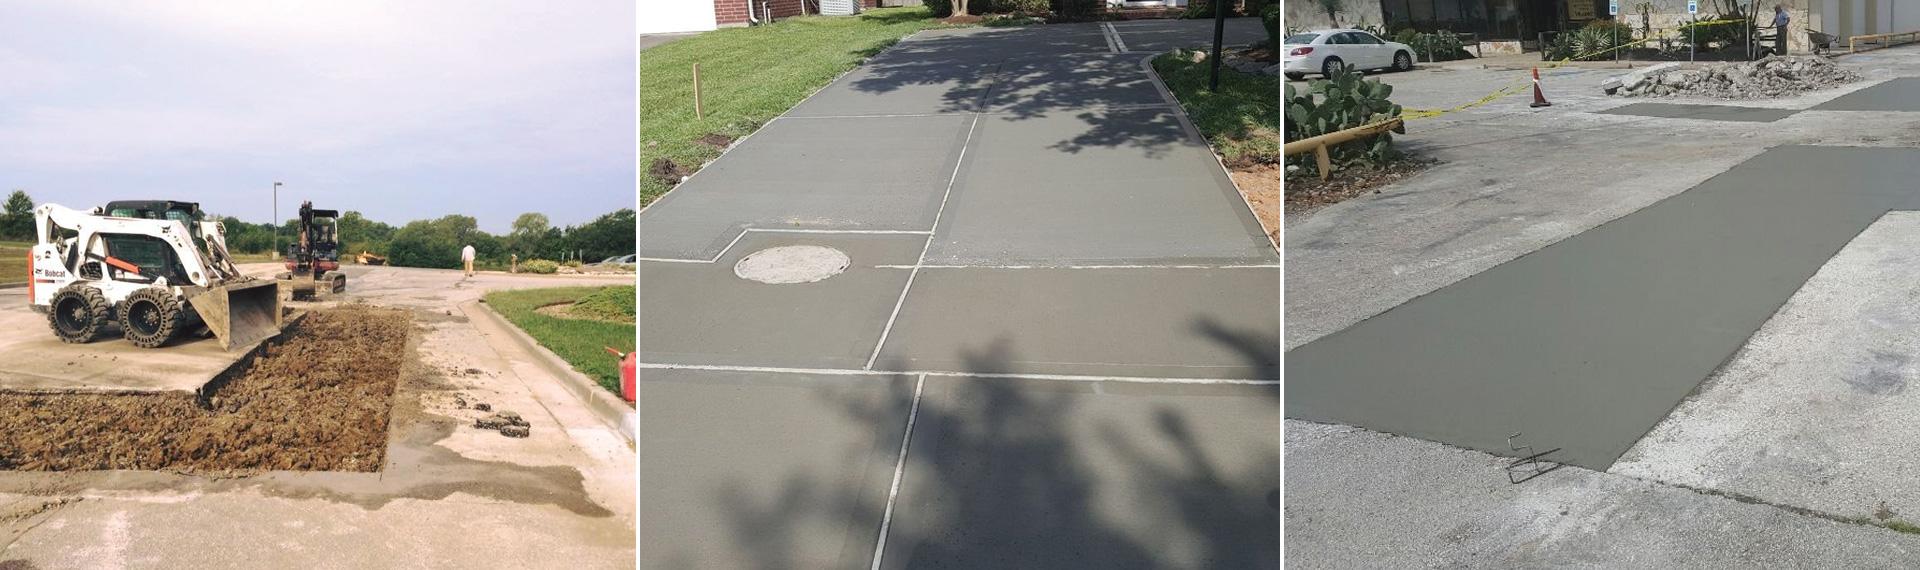 Houston Asphalt & Concrete Houston TX